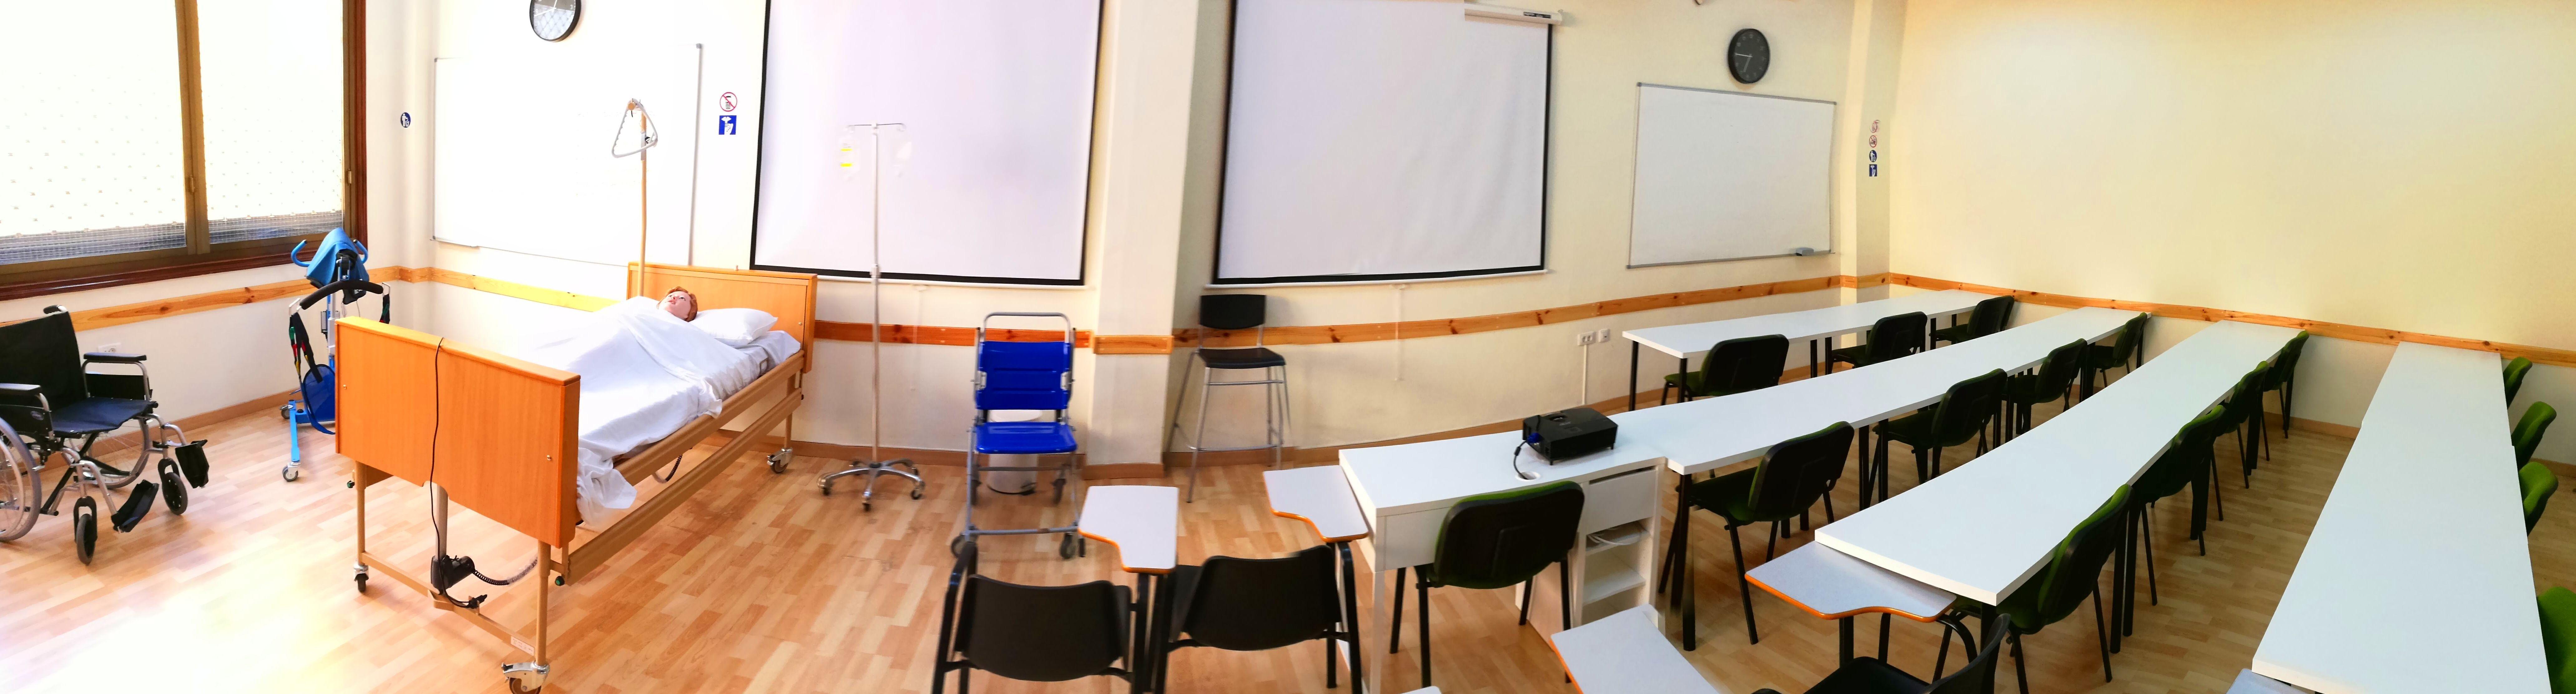 Foto 24 de Academias y centros de estudios diversos en San Cristóbal de La Laguna | CENTRO SUPERIOR DE ESTUDIOS ACUCANARIAS